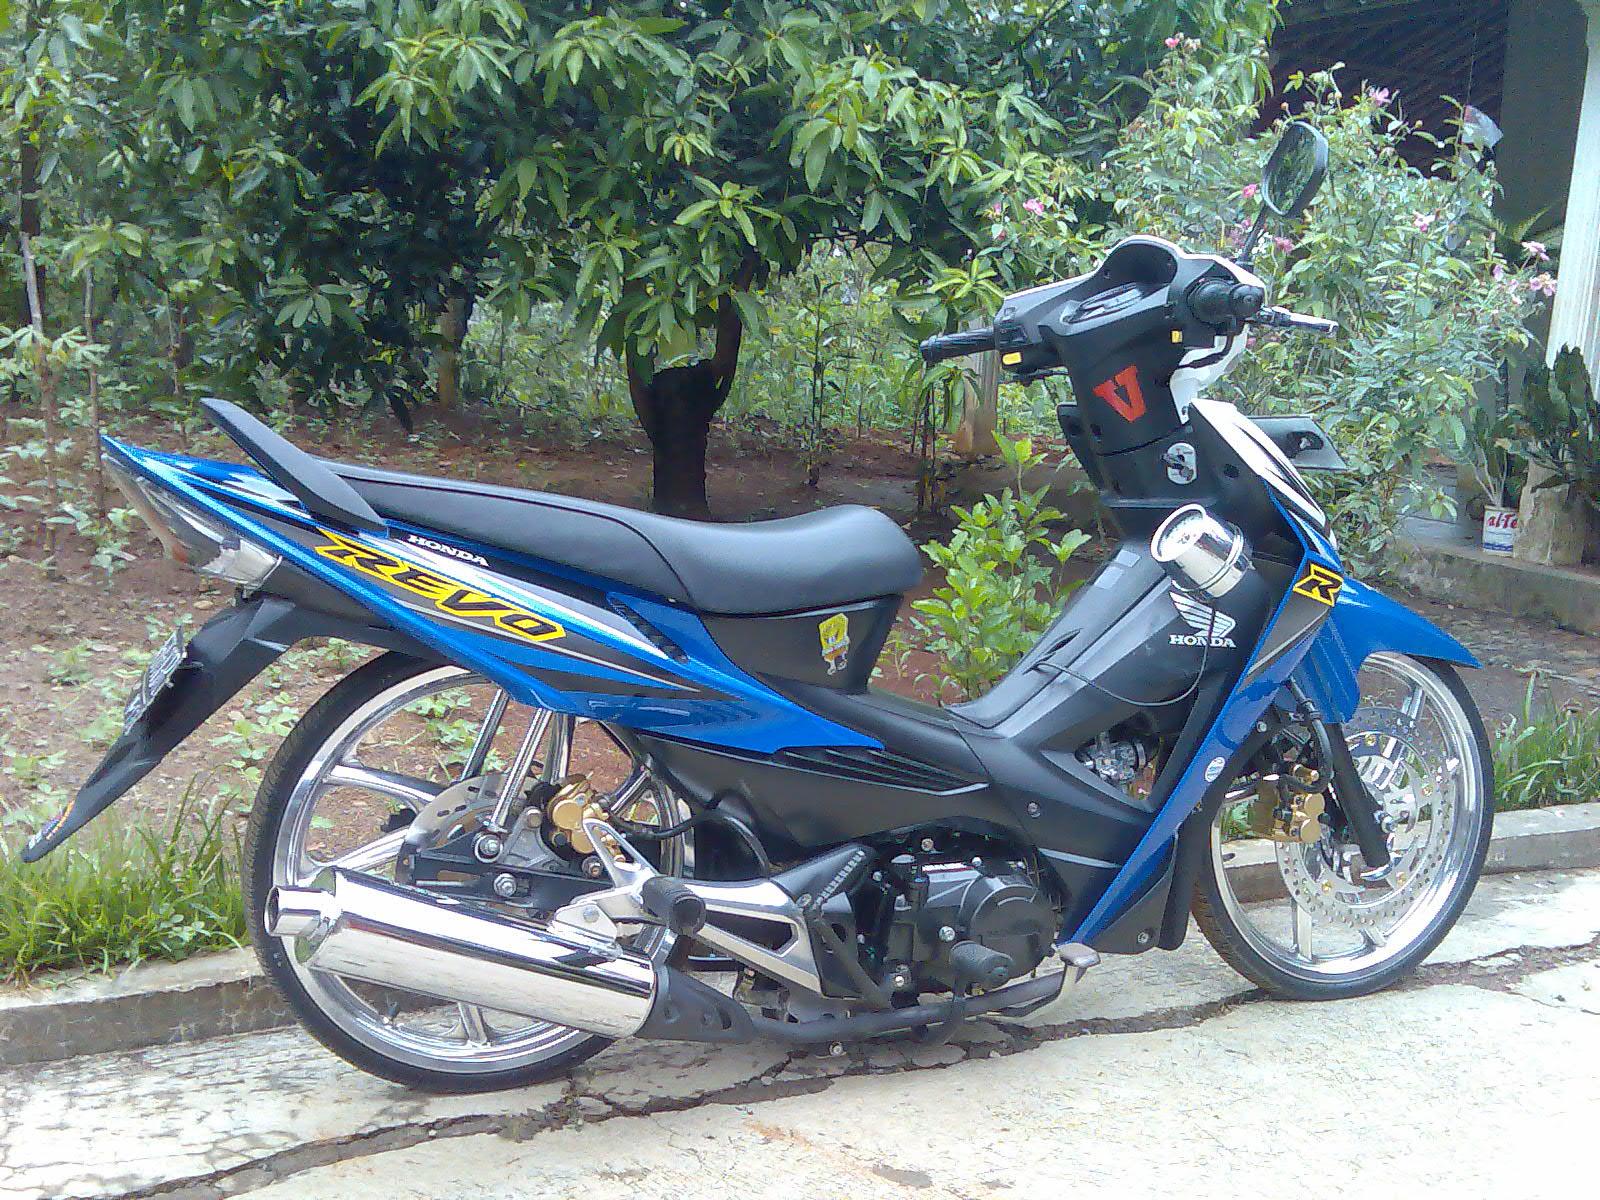 foto, gambar modifikasi motor revo fit 2012 terbaru - sukaon